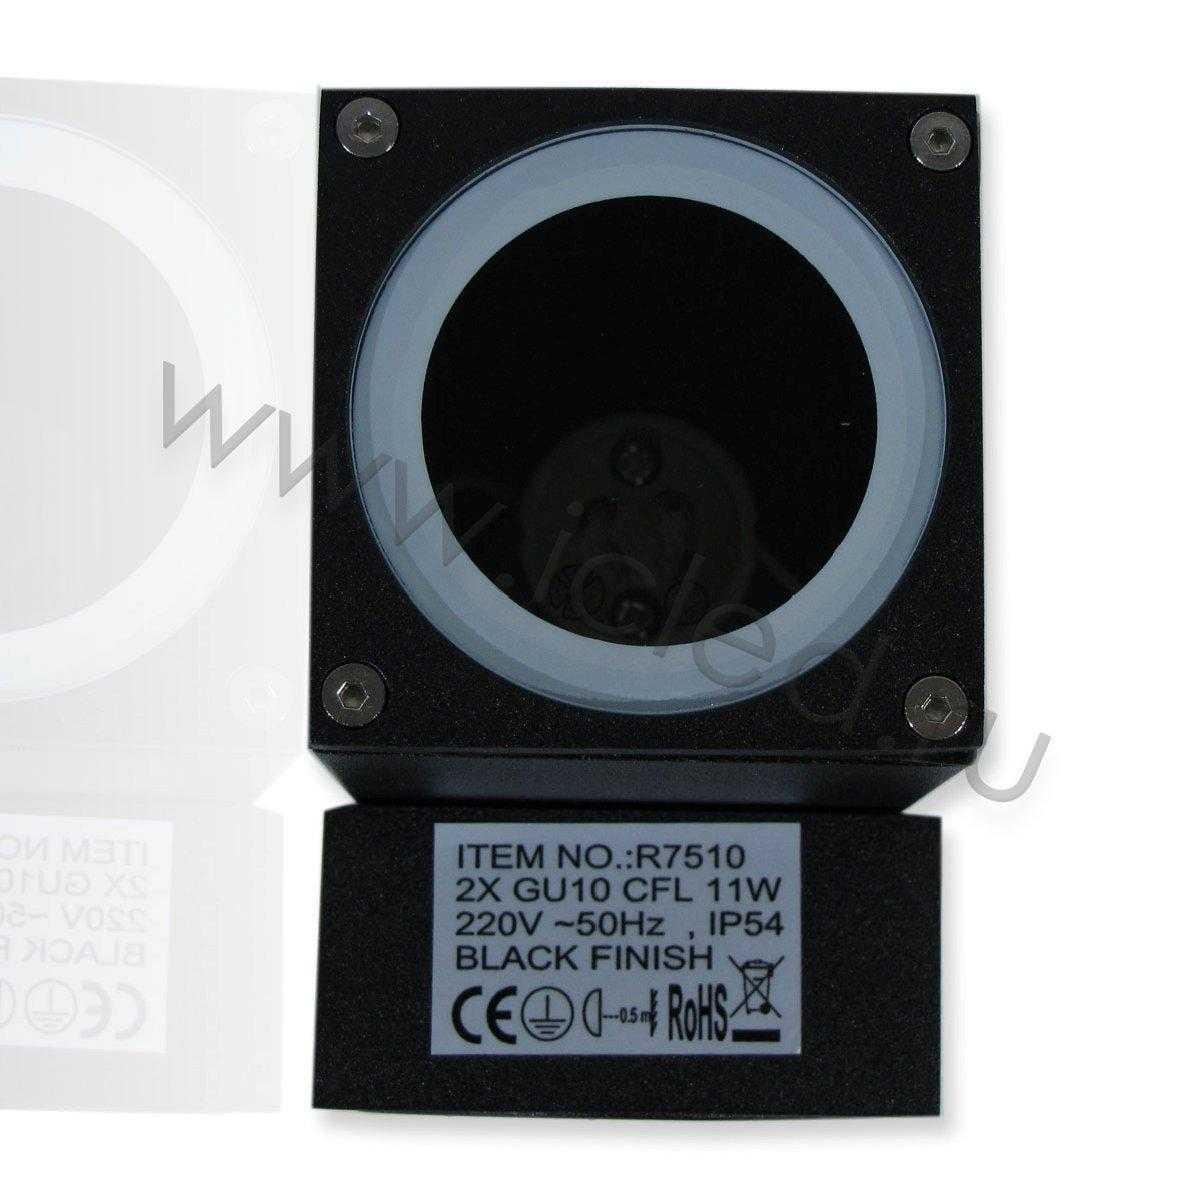 Светильник UCR7510 BA, GU10 CFL